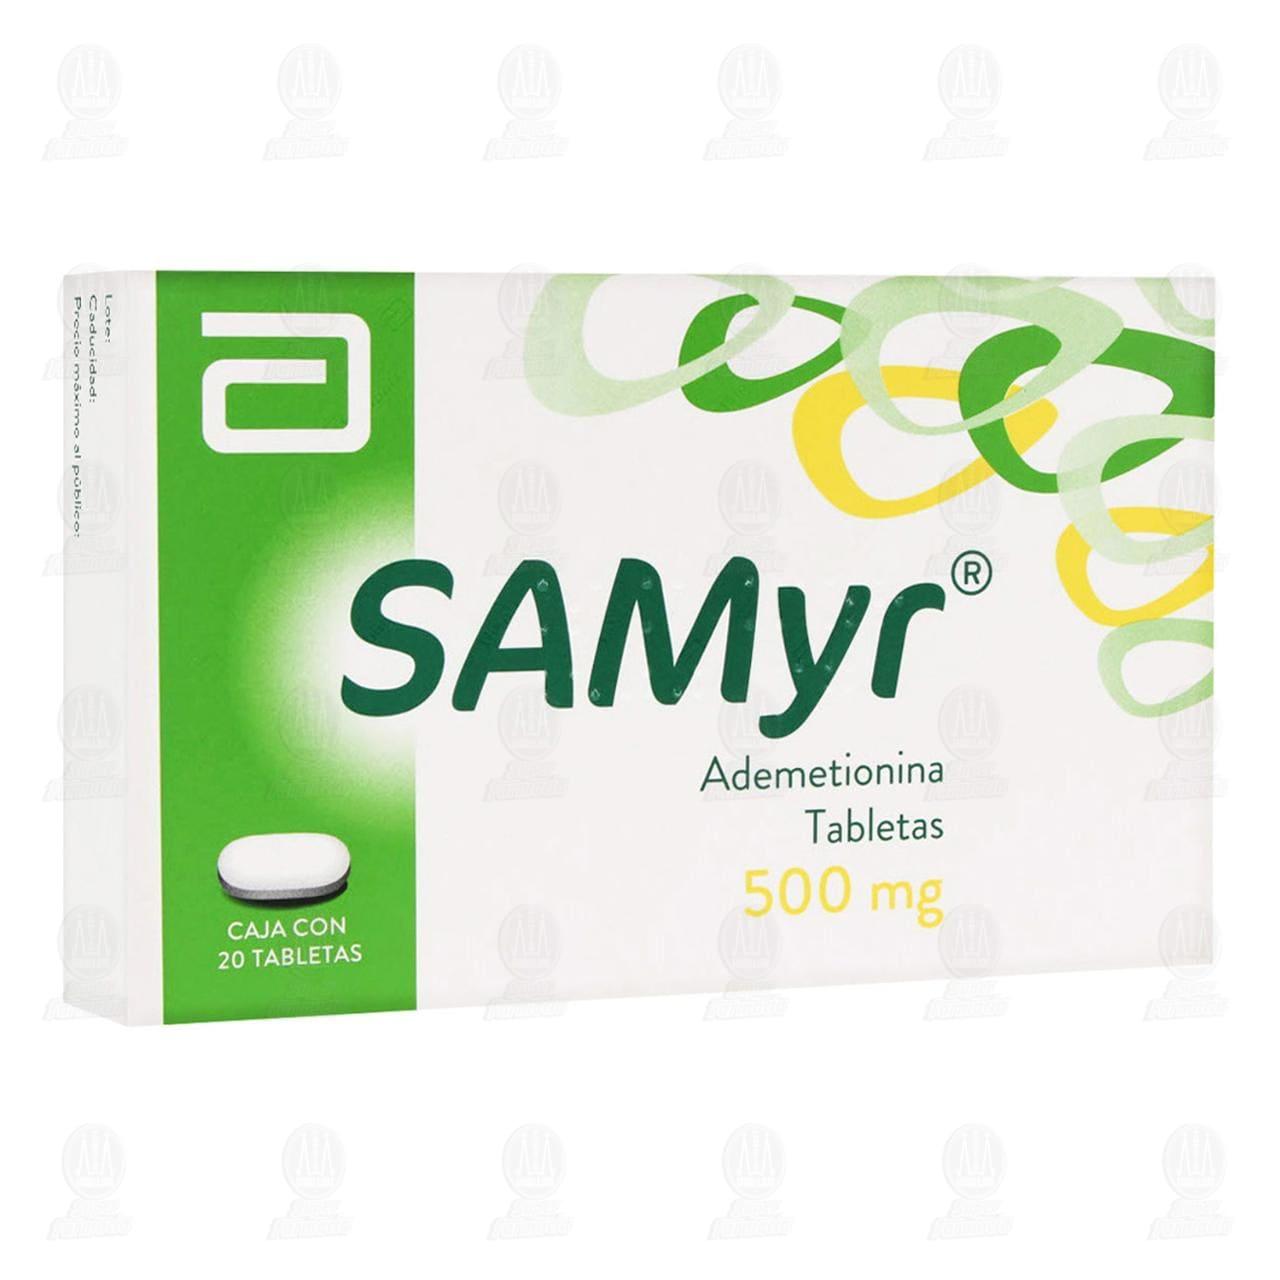 comprar https://www.movil.farmaciasguadalajara.com/wcsstore/FGCAS/wcs/products/1069462_A_1280_AL.jpg en farmacias guadalajara